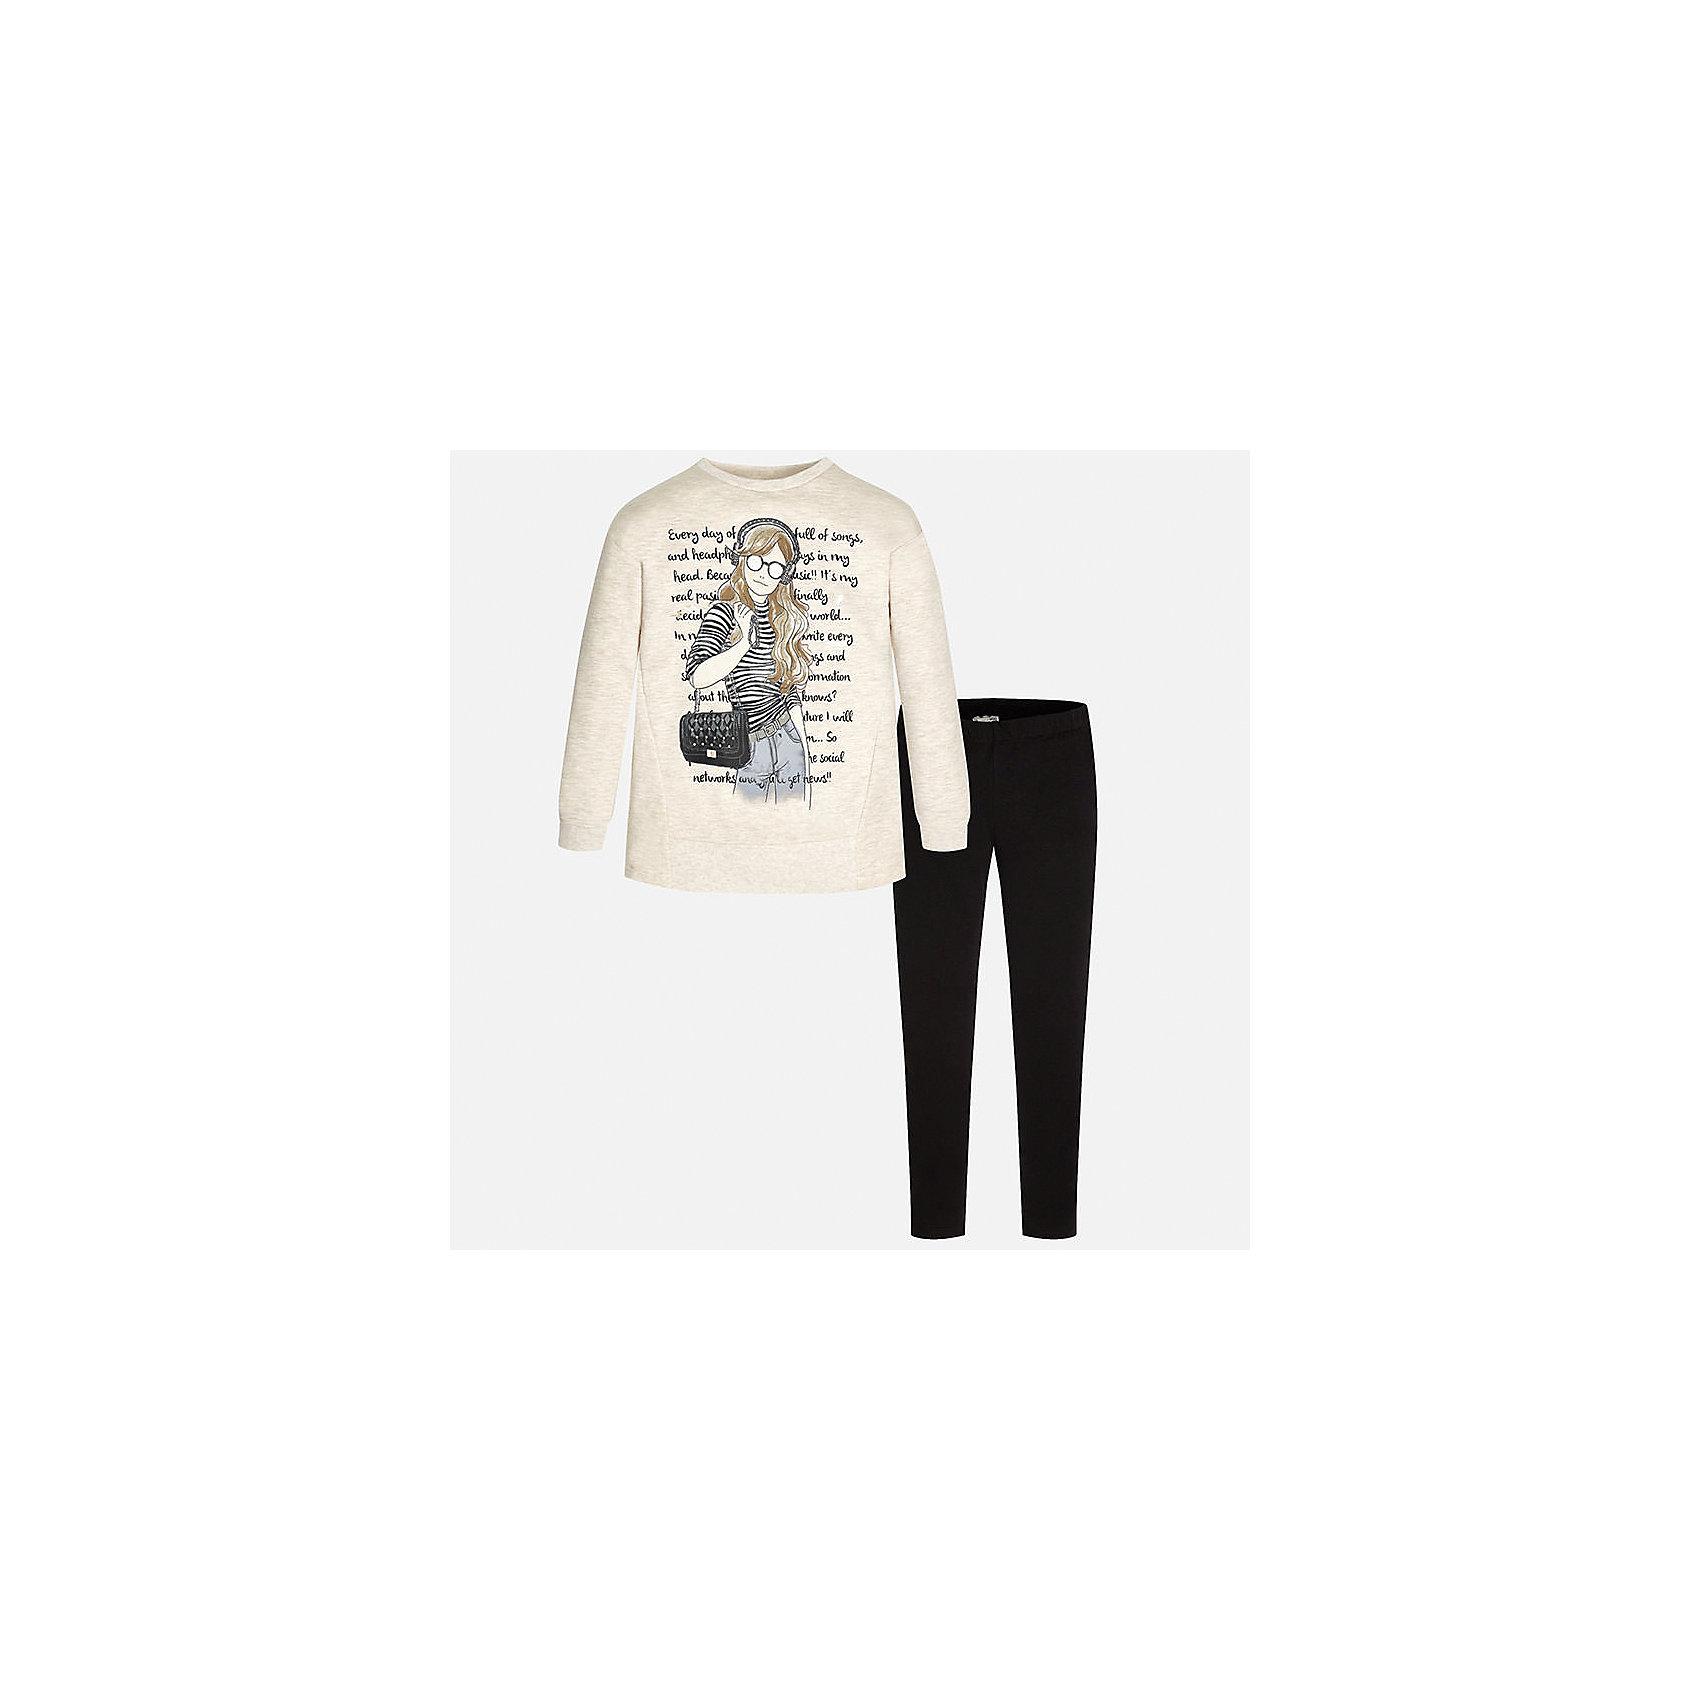 Комплект:футболка и леггинсы для девочки MayoralКомплект для девочки Mayoral (Майорал) от известного испанского бренда Mayoral. Комплект состоит из пуловера с длинными рукавами и леггинсов. Пуловер и леггинсы изготовлены из трикотажного полотна с добавлением полиэстера и эластана.  Сочетание натуральных и искусственных нитей обеспечивает воздухопроницаемость, защищает от потери цвета и формы даже при длительном использовании. Пуловер выполнен в светлых оттенка, на передней части нанесен молодежный принт с элементами серого и черного цвета, черные леггинсы – со средней посадкой, с узким эластичным поясом обеспечивают комфорт и удобство при повседневной носке. Комплект разрешается стирать при температуре 30 градусов, допускается химическая чистка и глажка. <br><br>Дополнительная информация:<br><br>- Предназначение: повседневная одежда<br>- Цвет: светло-телесный, черный<br>- Пол: для девочки<br>- Состав: 58% хлопок, 39% полиэстер, 3% эластан<br>- Сезон: круглый год<br>- Особенности ухода: стирка при температуре 30 градусов, допускается глажение и химическая чистка<br><br>Подробнее:<br><br>• Для детей в возрасте: от 8 лет и до 16 лет<br>• Страна производитель: Китай<br>• Торговый бренд: Mayoral<br><br>Комплект для девочки Mayoral (Майорал) можно купить в нашем интернет-магазине.<br><br>Ширина мм: 123<br>Глубина мм: 10<br>Высота мм: 149<br>Вес г: 209<br>Цвет: черный<br>Возраст от месяцев: 156<br>Возраст до месяцев: 168<br>Пол: Женский<br>Возраст: Детский<br>Размер: 158/164,134/140,128/134,164/170,152/158,146/152<br>SKU: 4847444